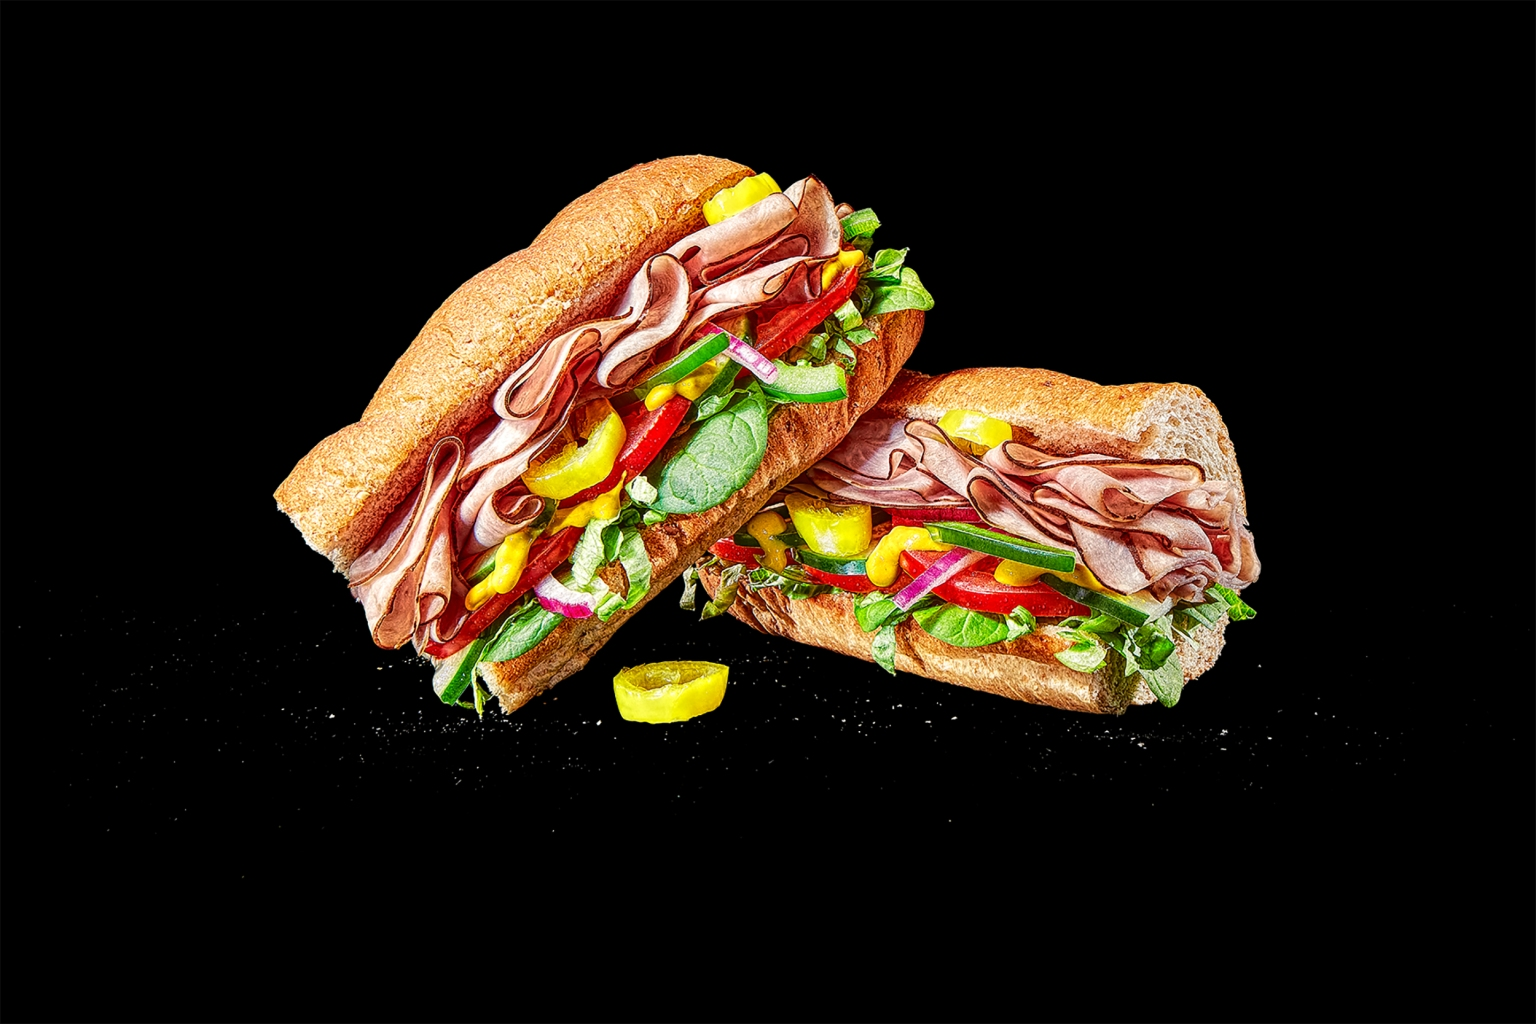 Subway to unveil new menu